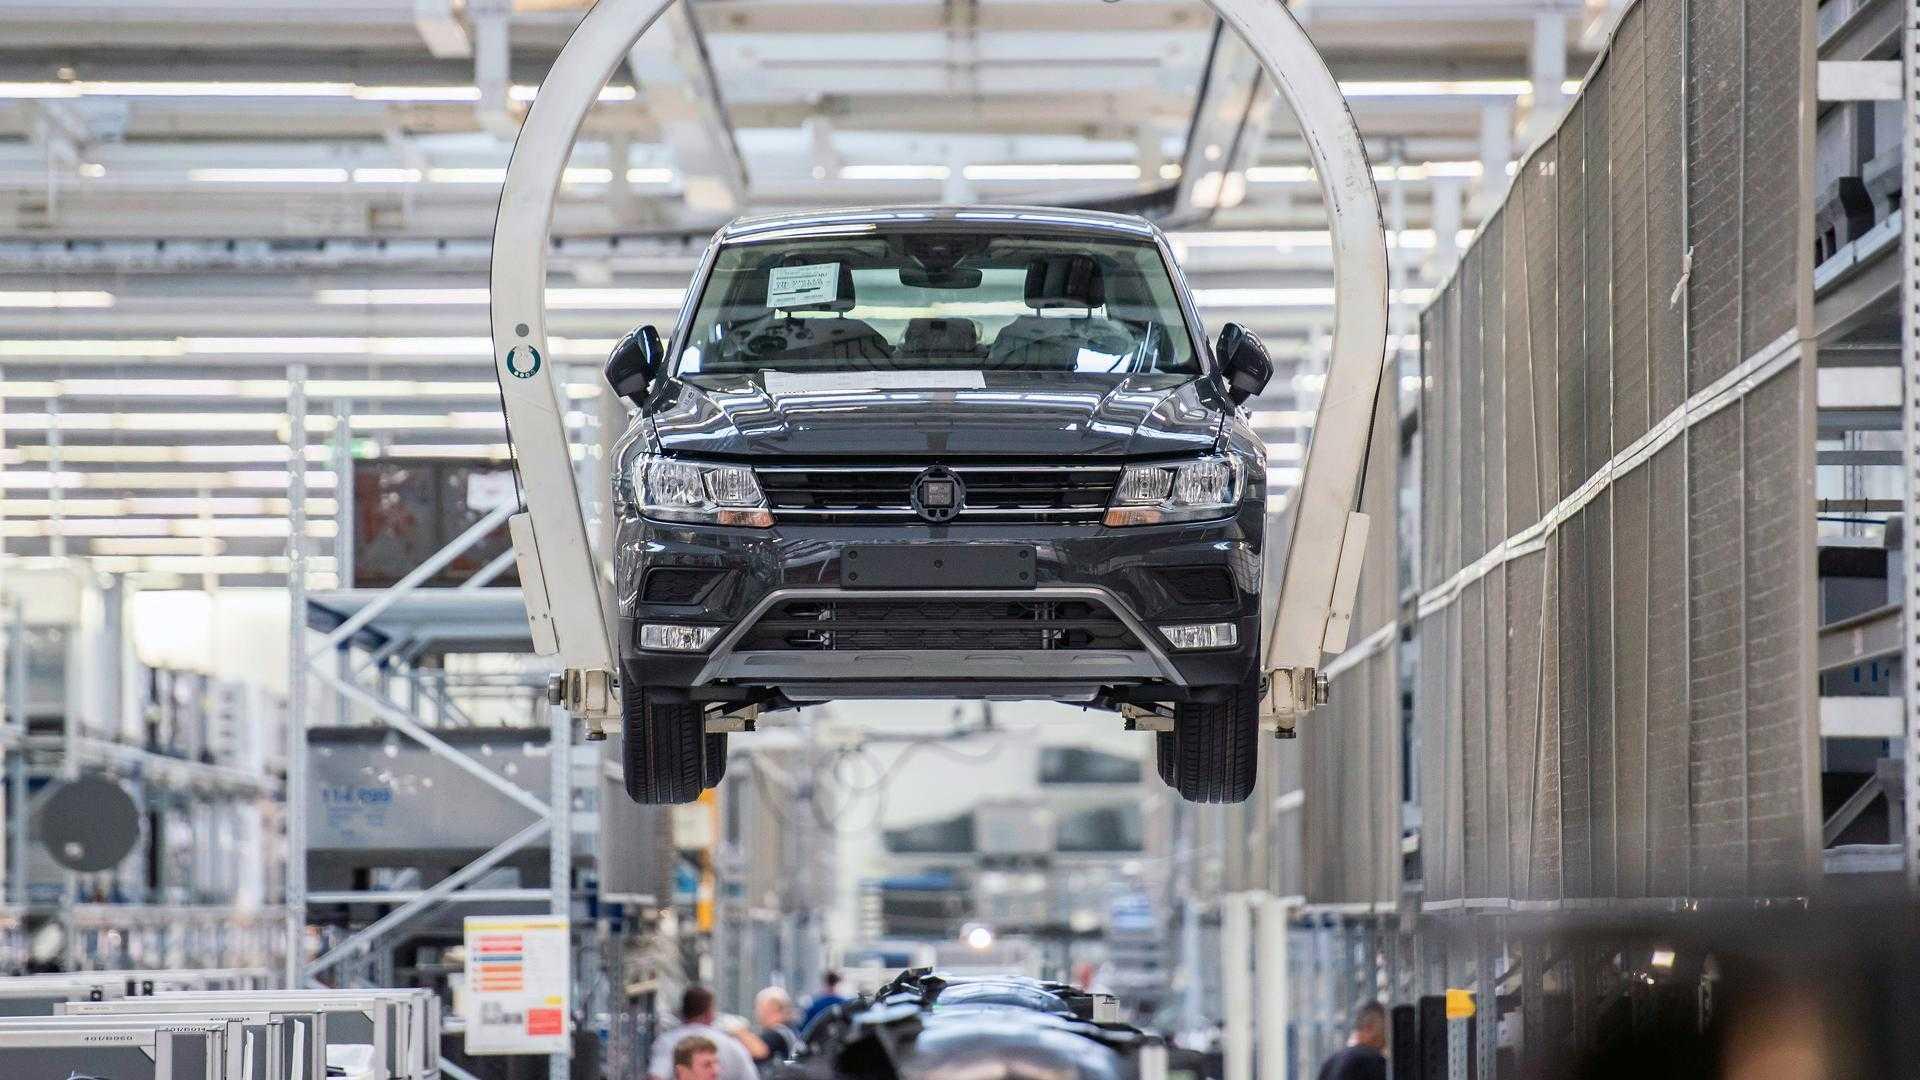 Volkswagen fabrikası, 116 yılın ardından fosil yakıtlı araç üretimini durdurdu